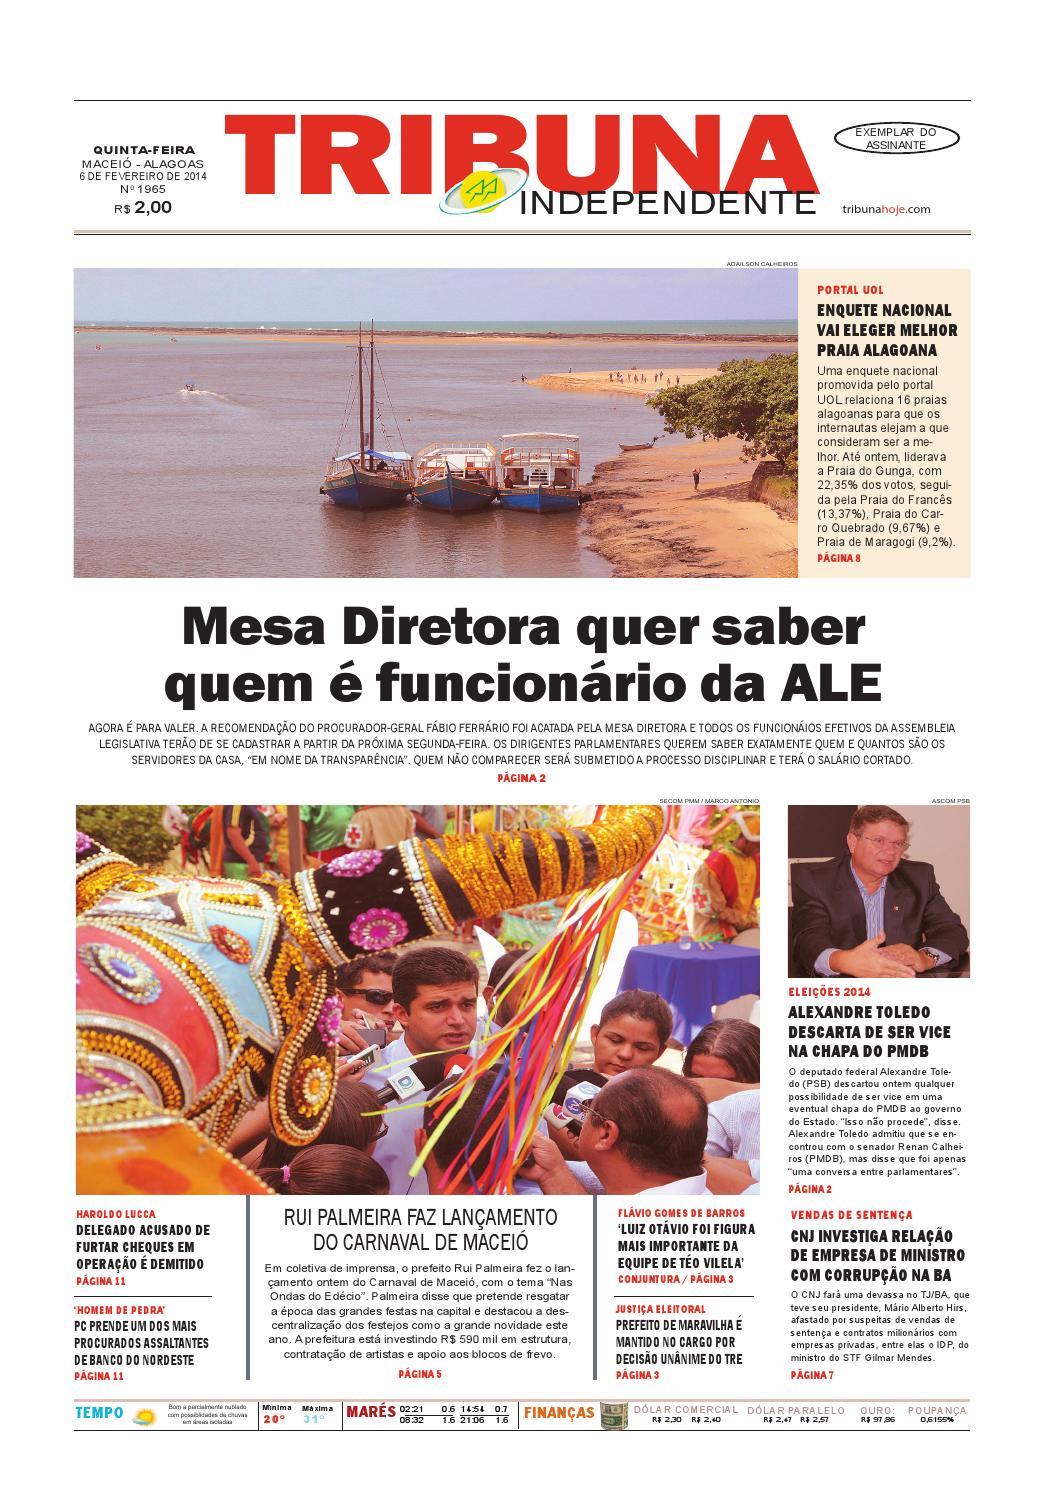 757828526ad Edição número 1965 - 6 de fevereiro de 2014 by Tribuna Hoje - issuu